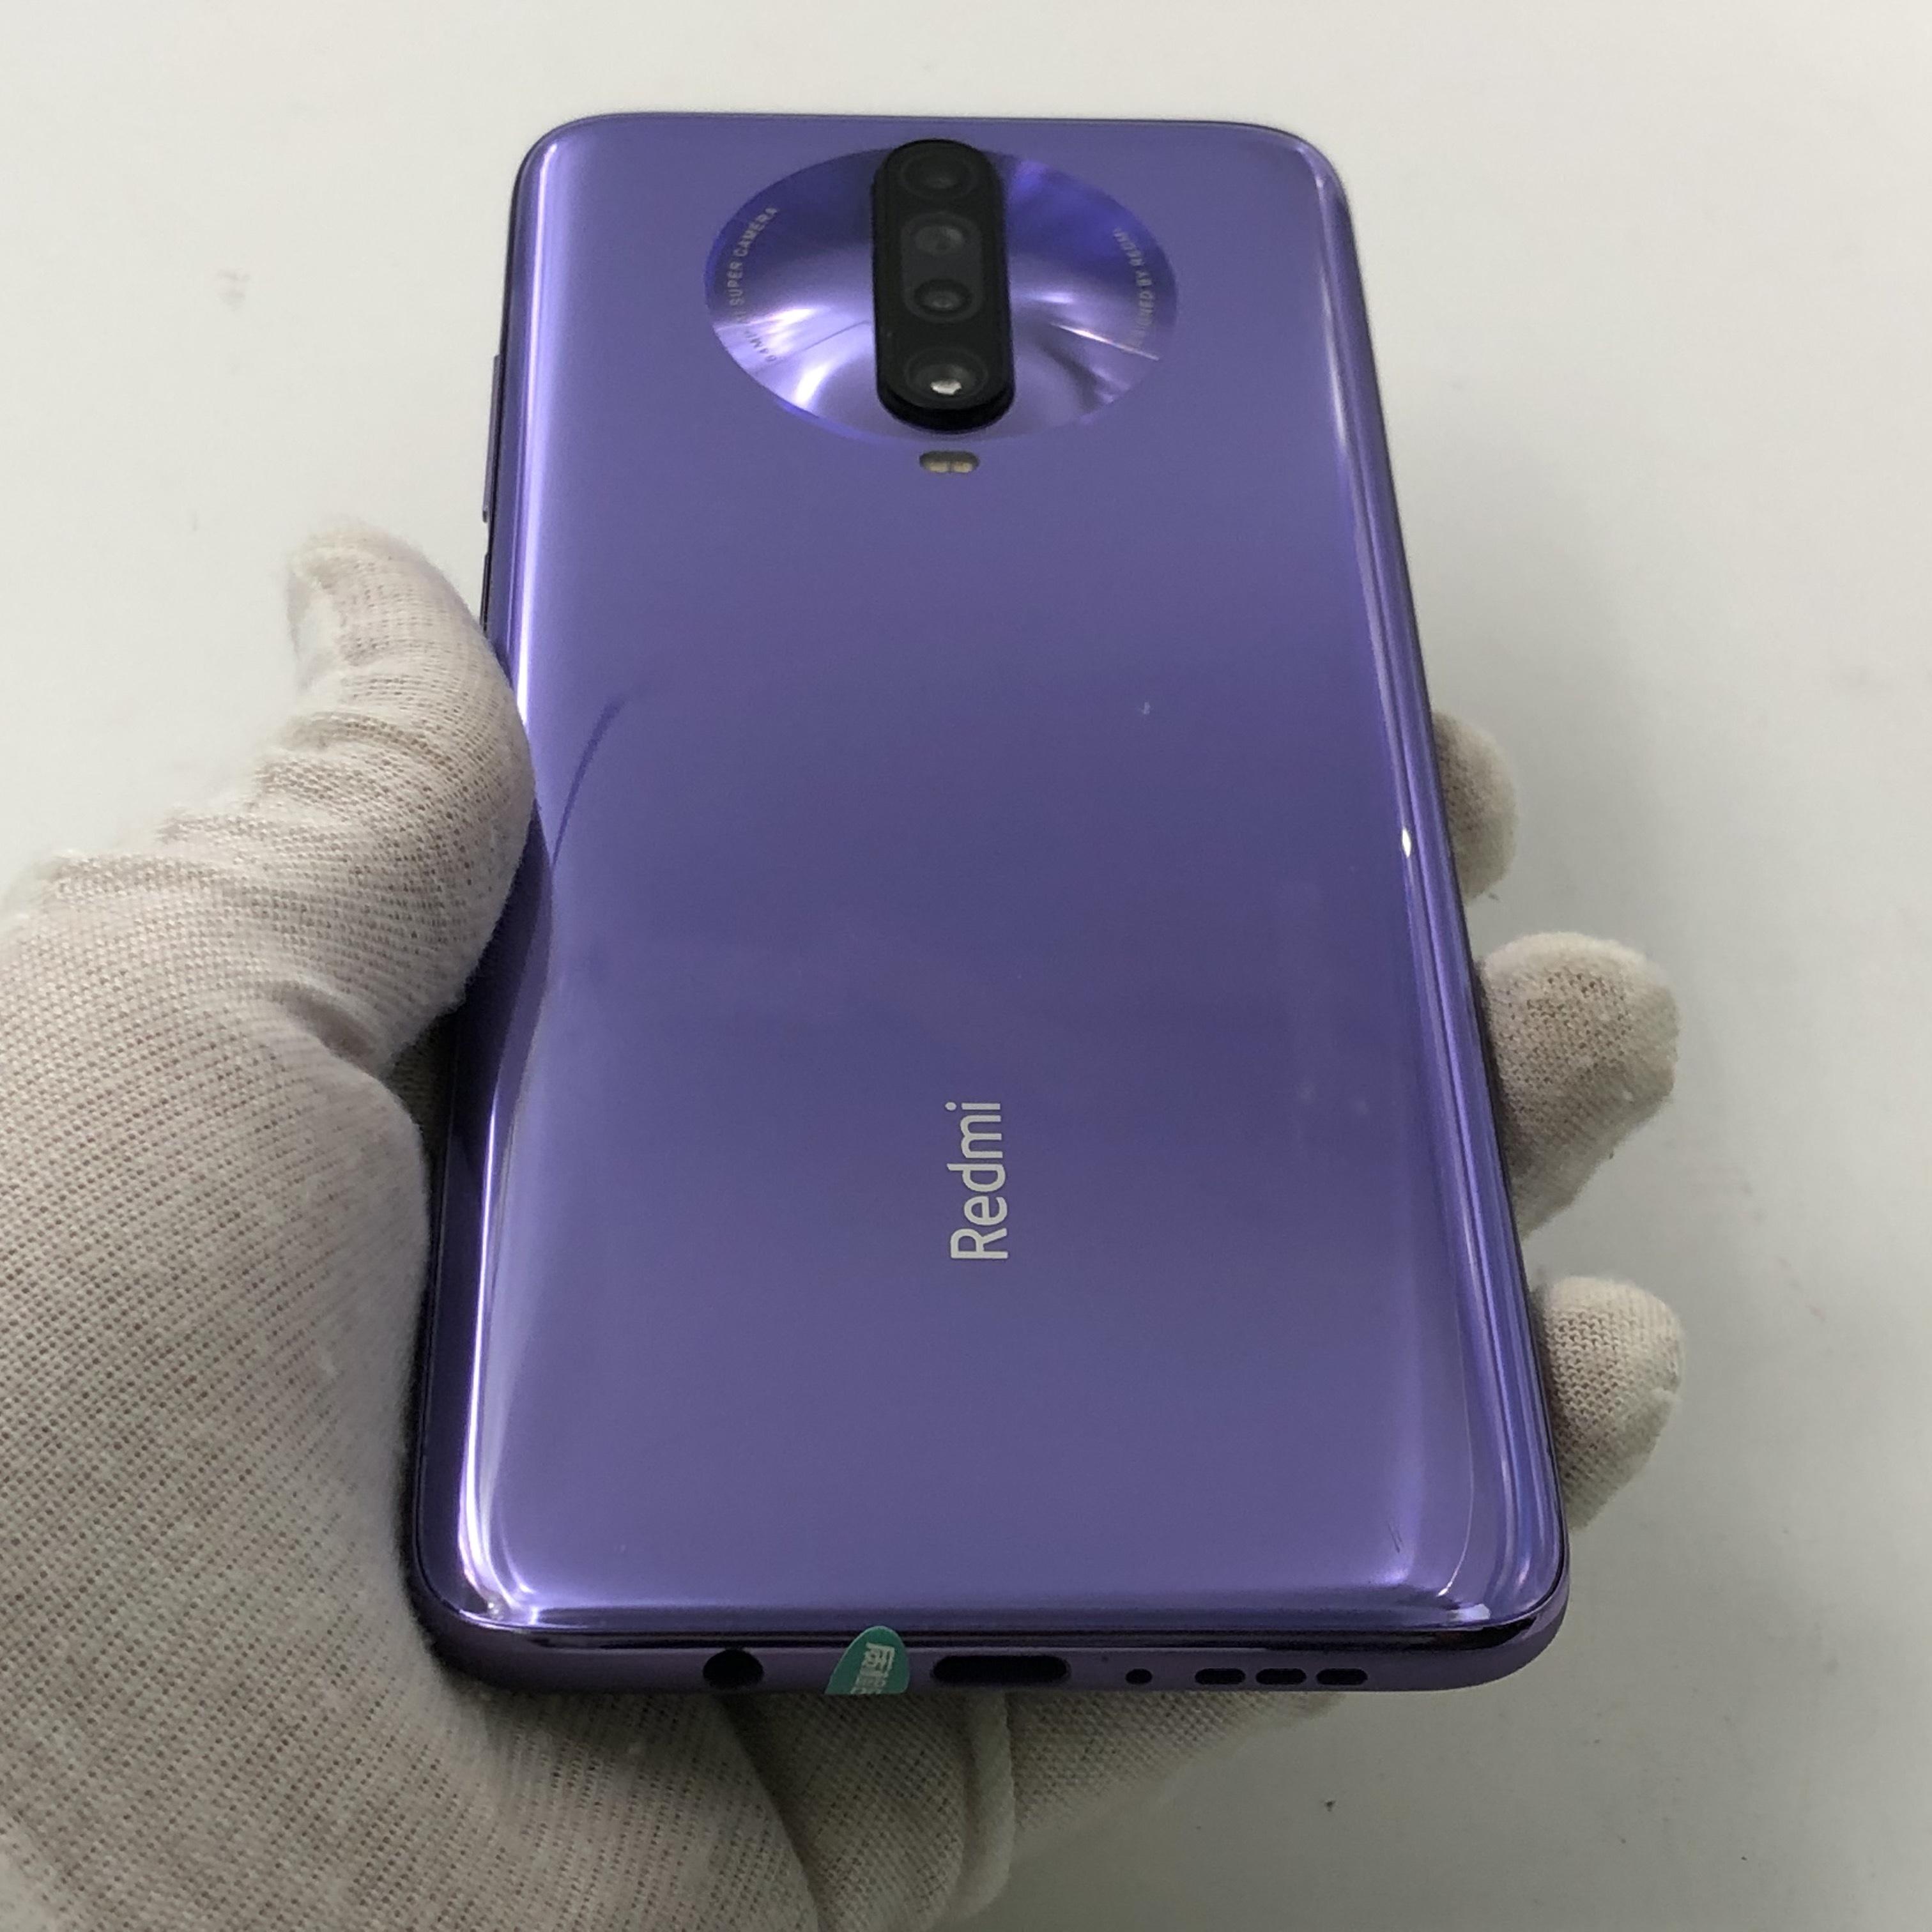 小米【Redmi K30 4G】全网通 紫玉幻境 6G/128G 国行 95新